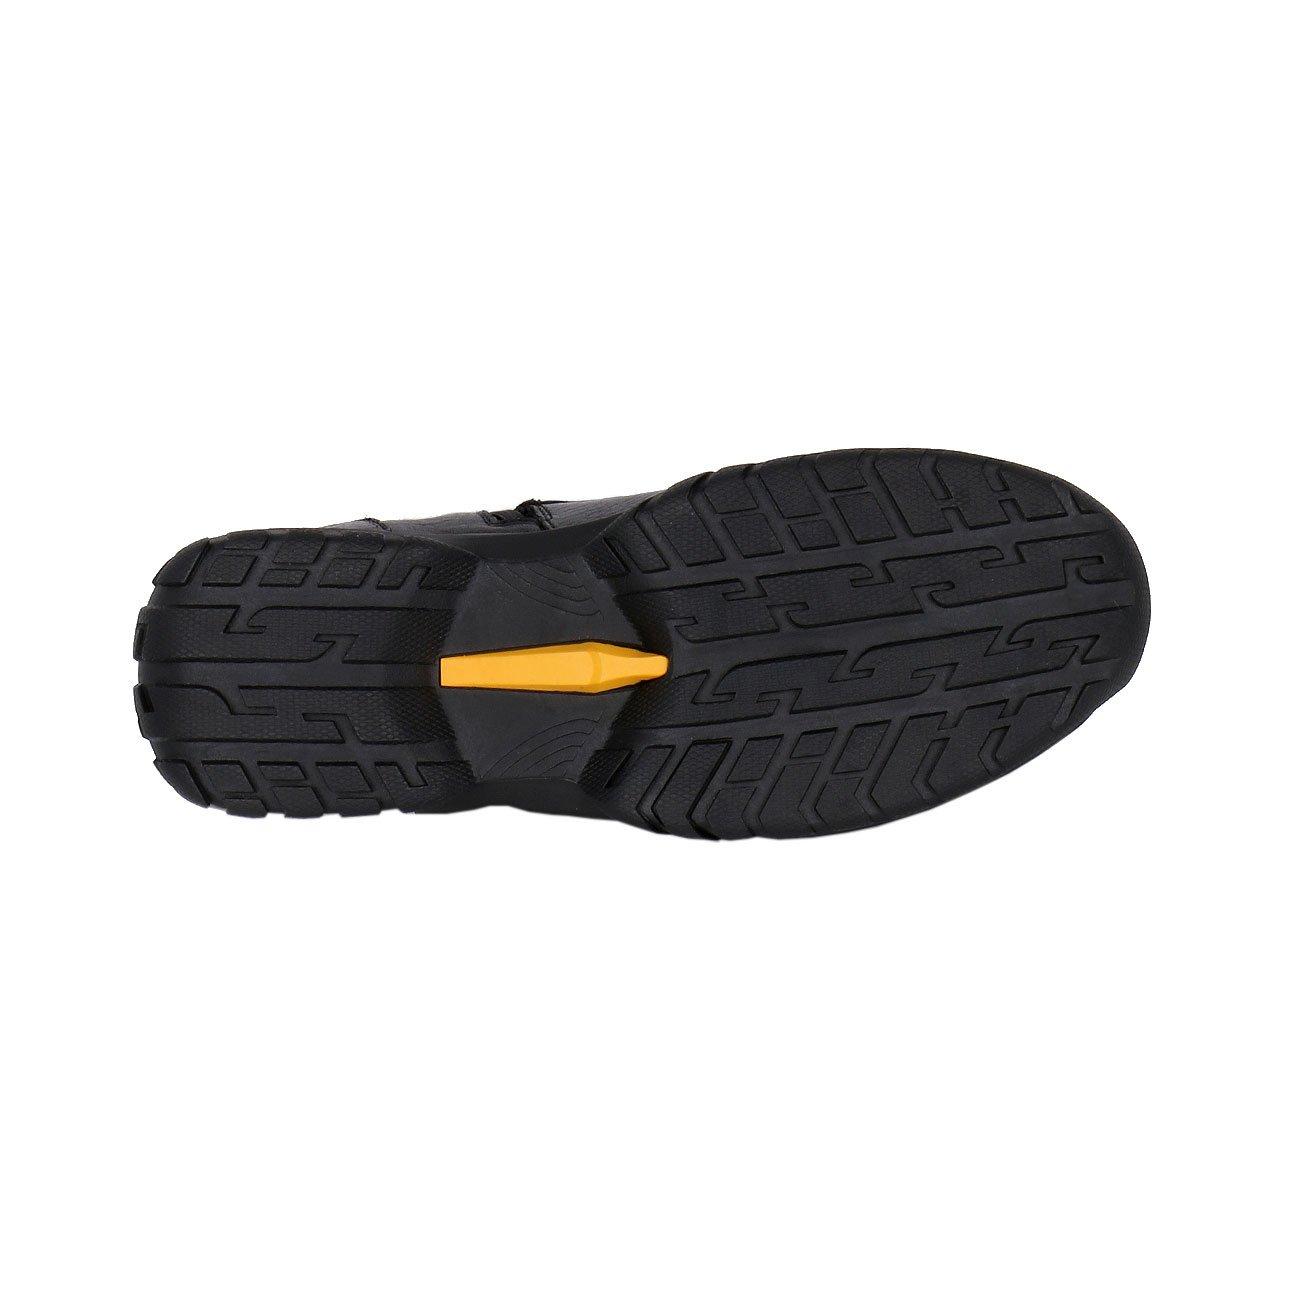 JOTA Shoes Men/'s Great Outdoor Height Raising Boot Black 2.8 Taller JW516BL